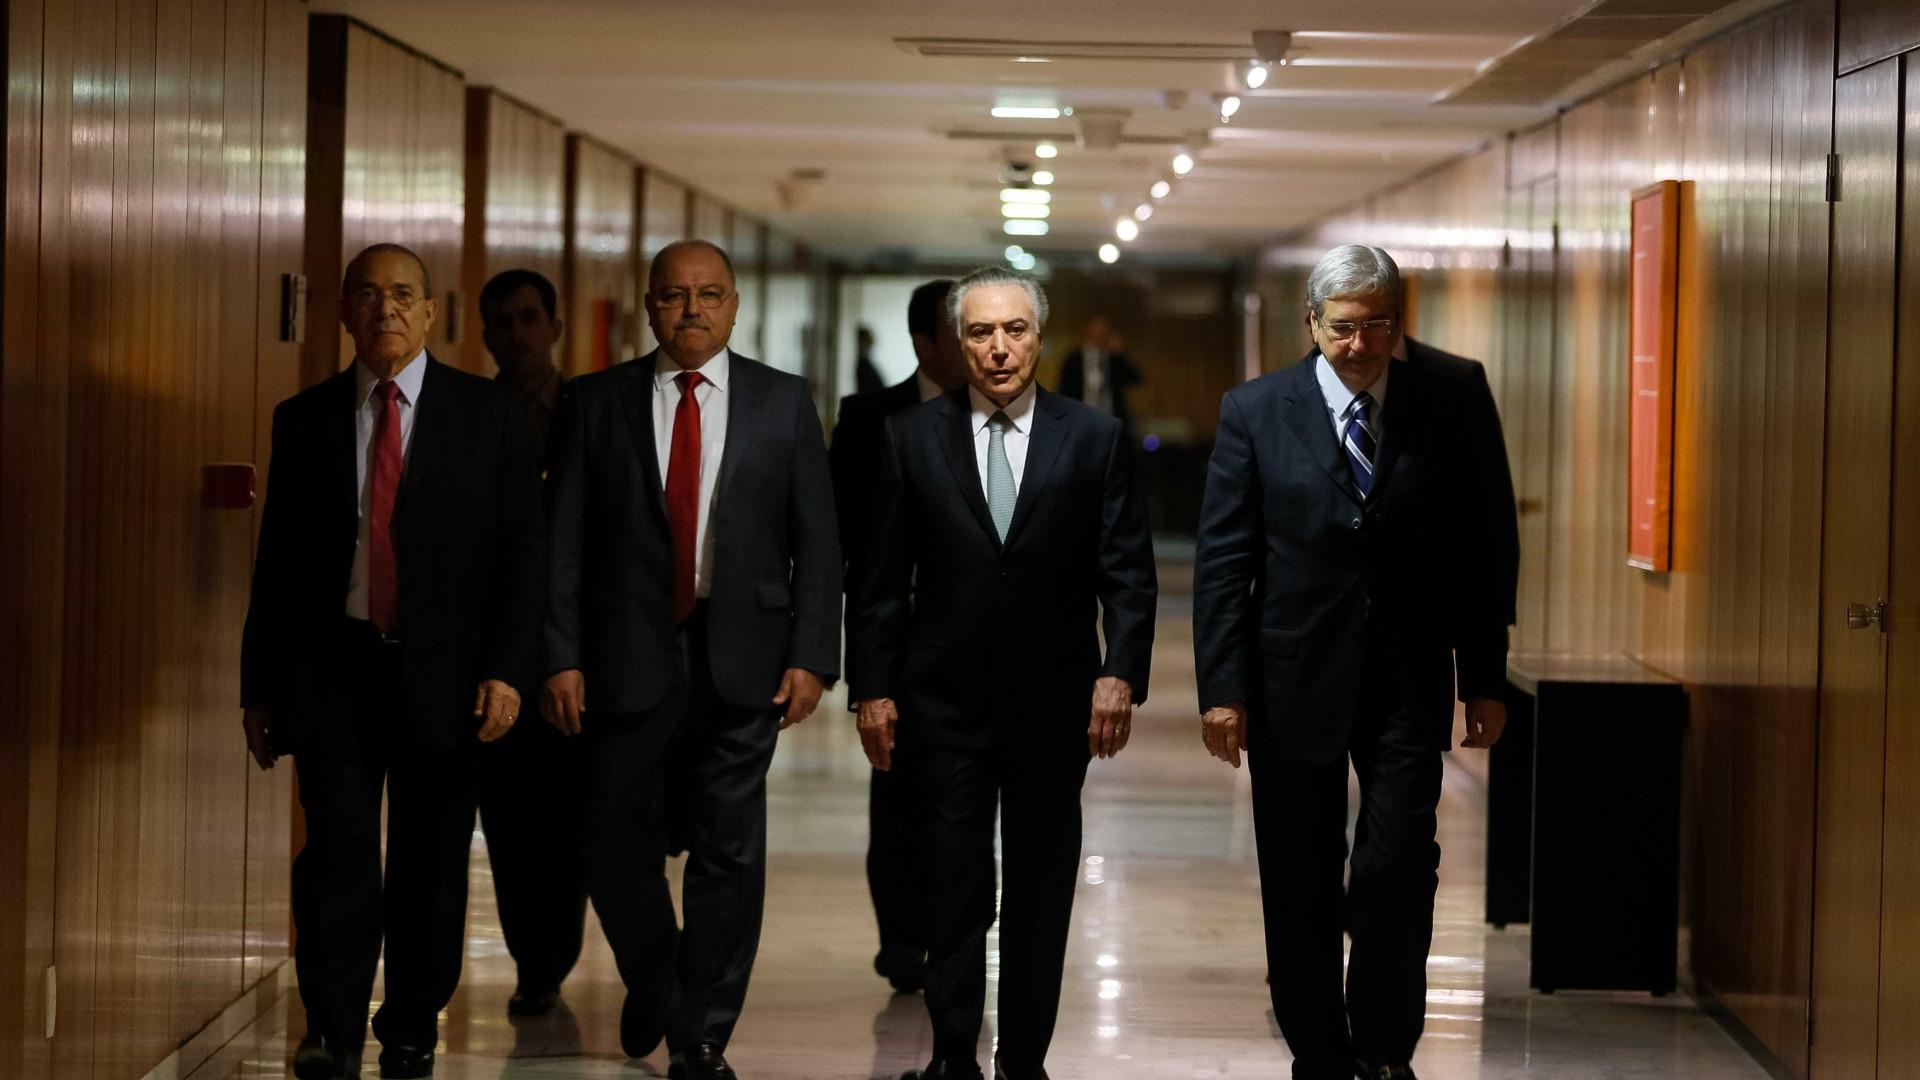 Por votos na Previdência, Planalto estuda devolver cargos a infiéis